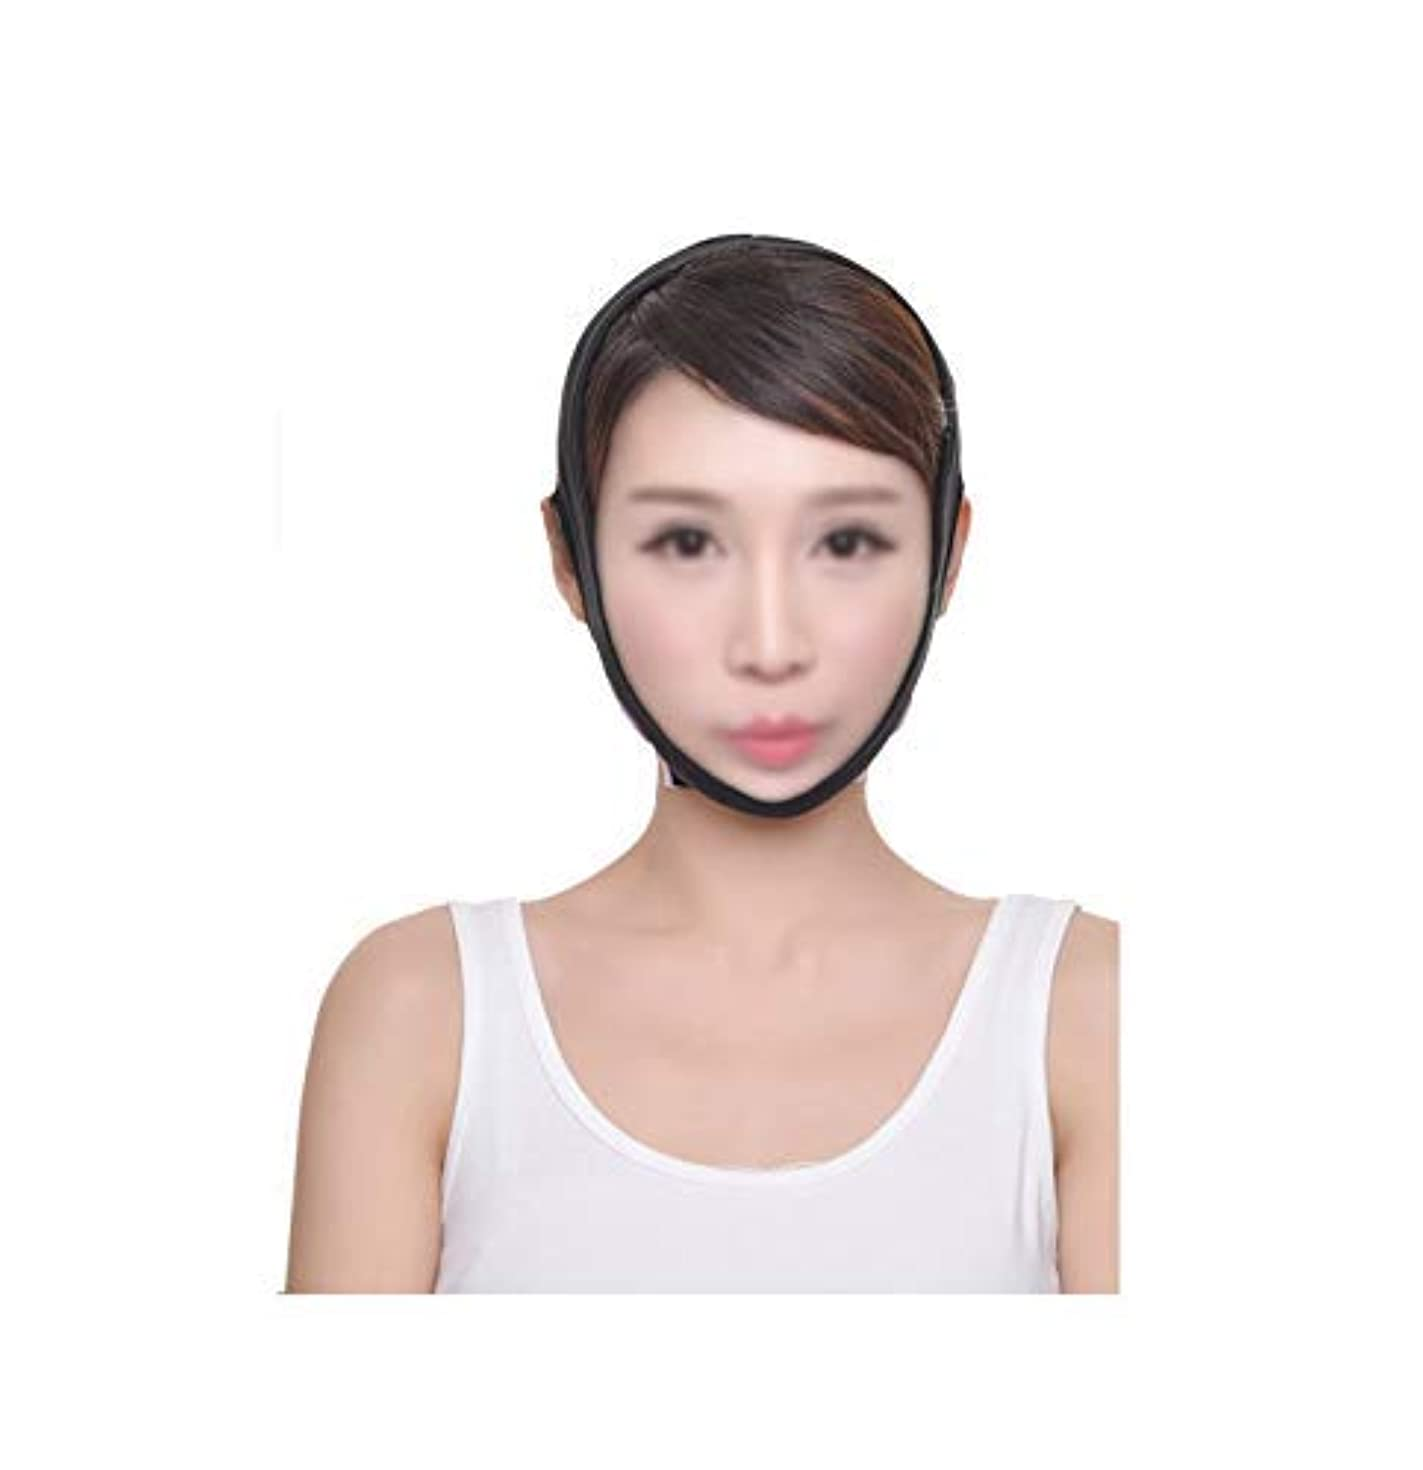 レンディション形式コショウファーミングフェイスマスク、フェイスリフティングアーティファクト脂肪吸引術脂肪吸引術後整形二重あご美容マスクブラックフード(サイズ:L),M